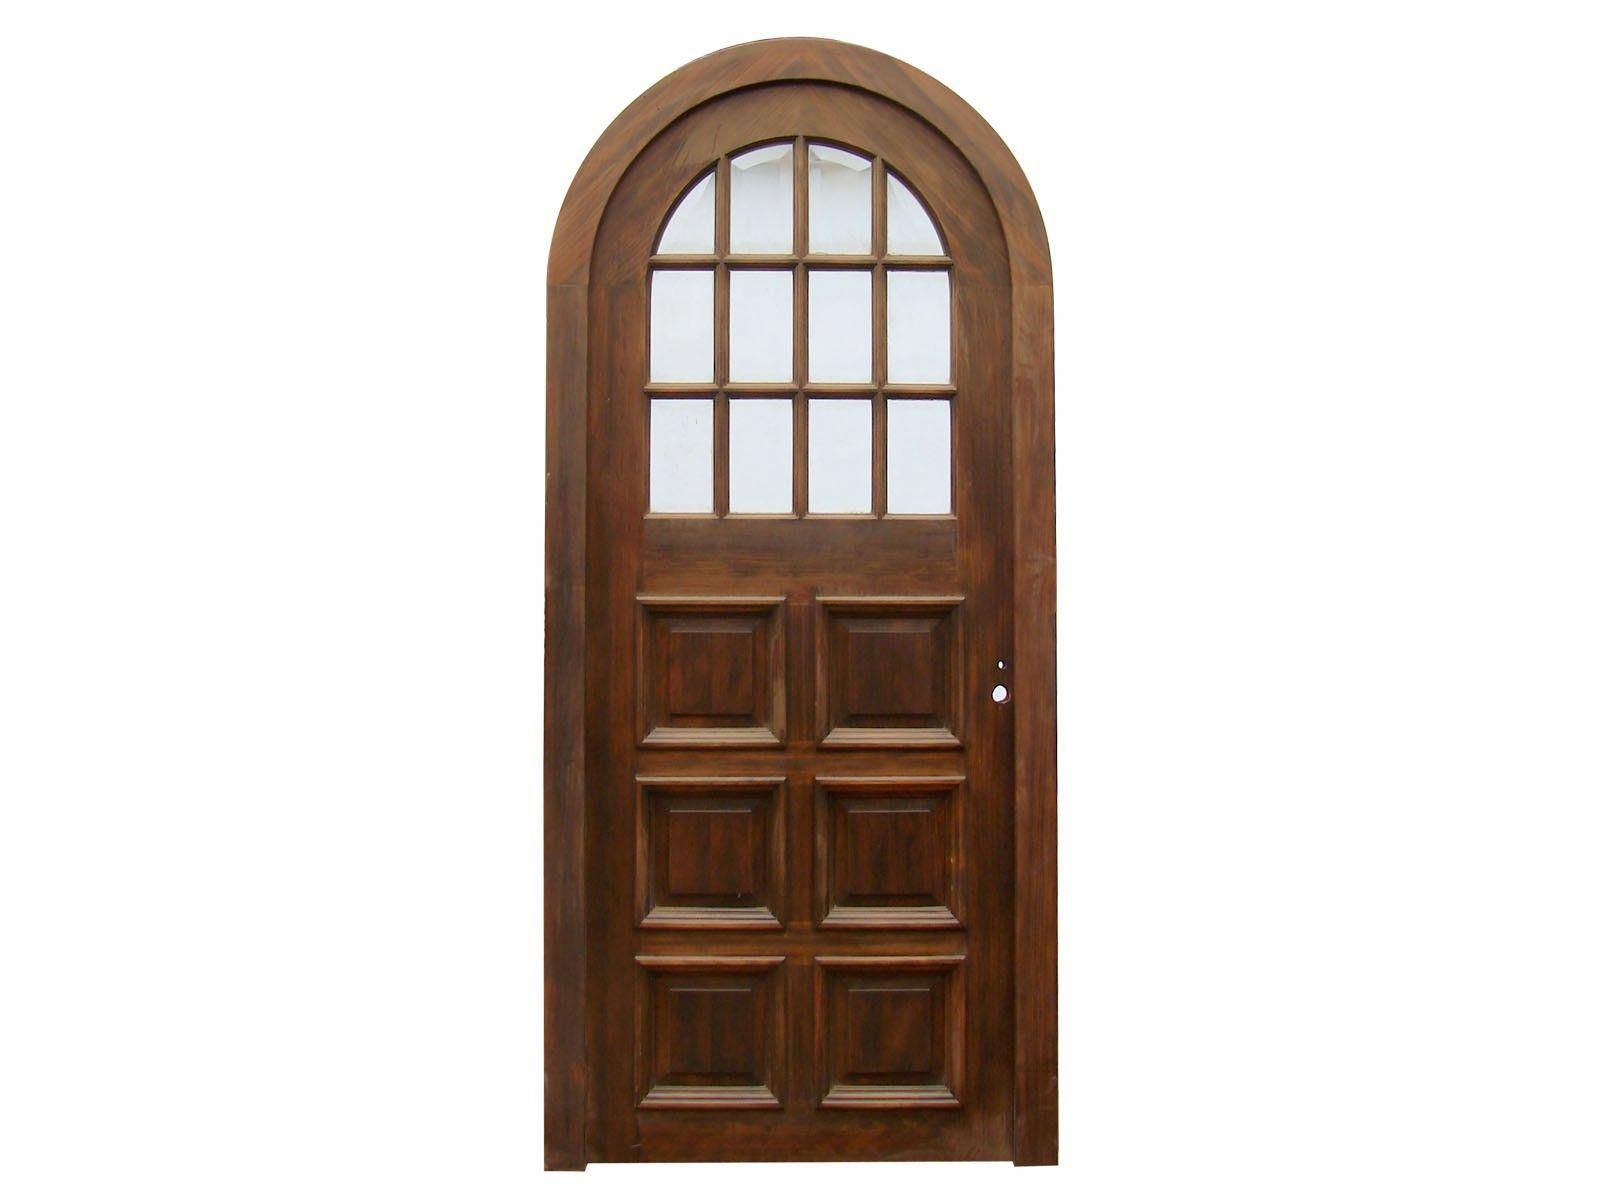 Arched Single Front Door With Beveled Glasses C Frontdoor Front Door Green House Design Smart Door Locks